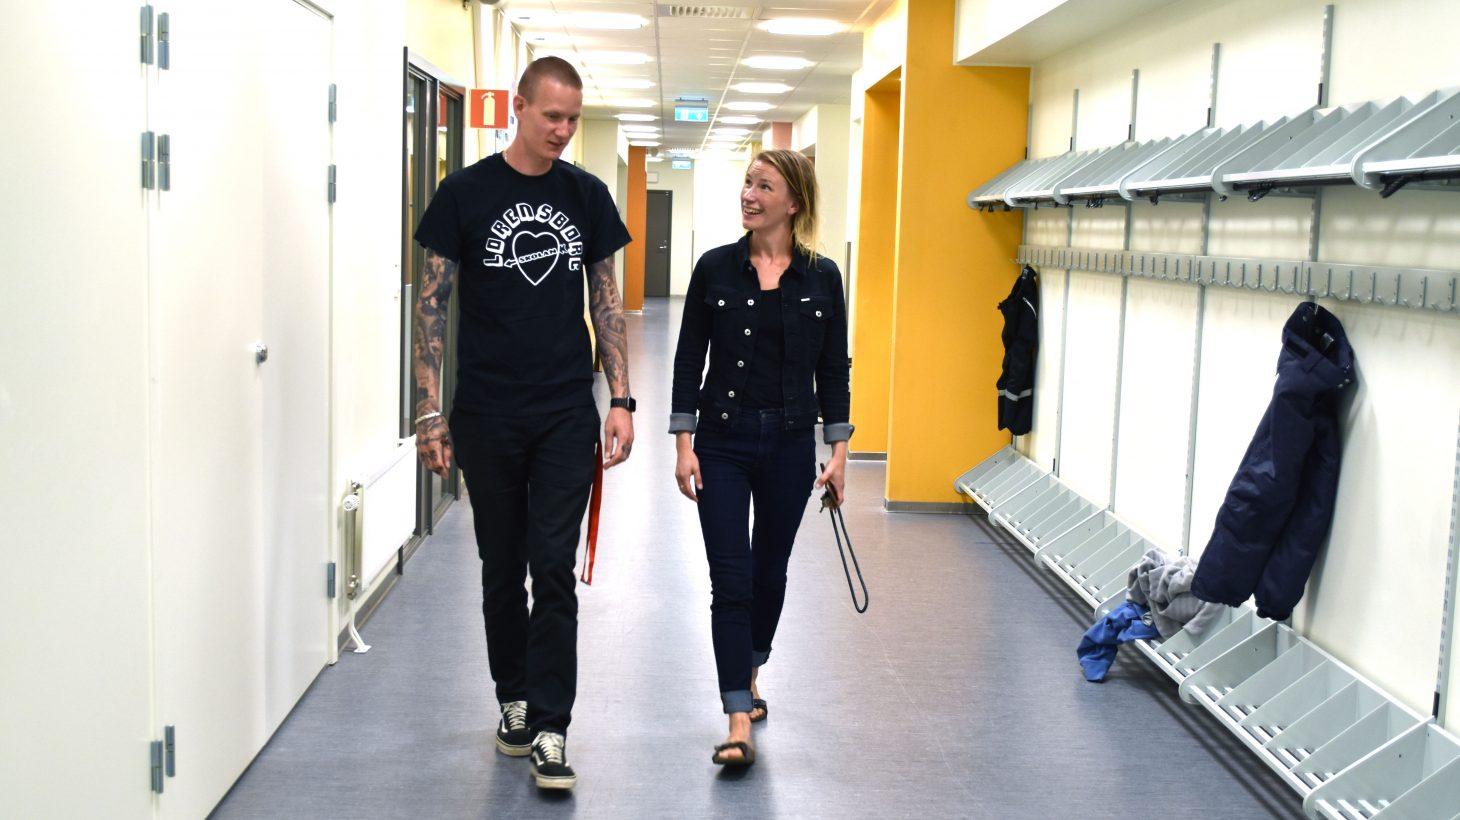 Daniel Franzén, fritidspedagog och projektledare, och Heidi Uddeskog, projektledare och musiklärare på Lorensborgsskolan.